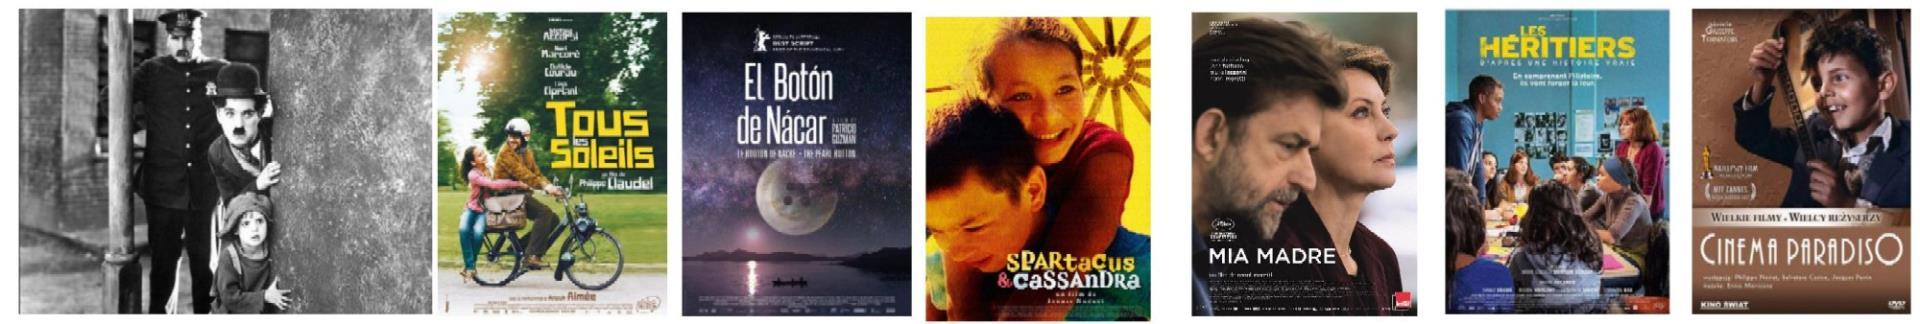 Adhérez, soutenez l'AGICAM - Association Gardons Indépendants les Cinémas de l'Agglomération Messine